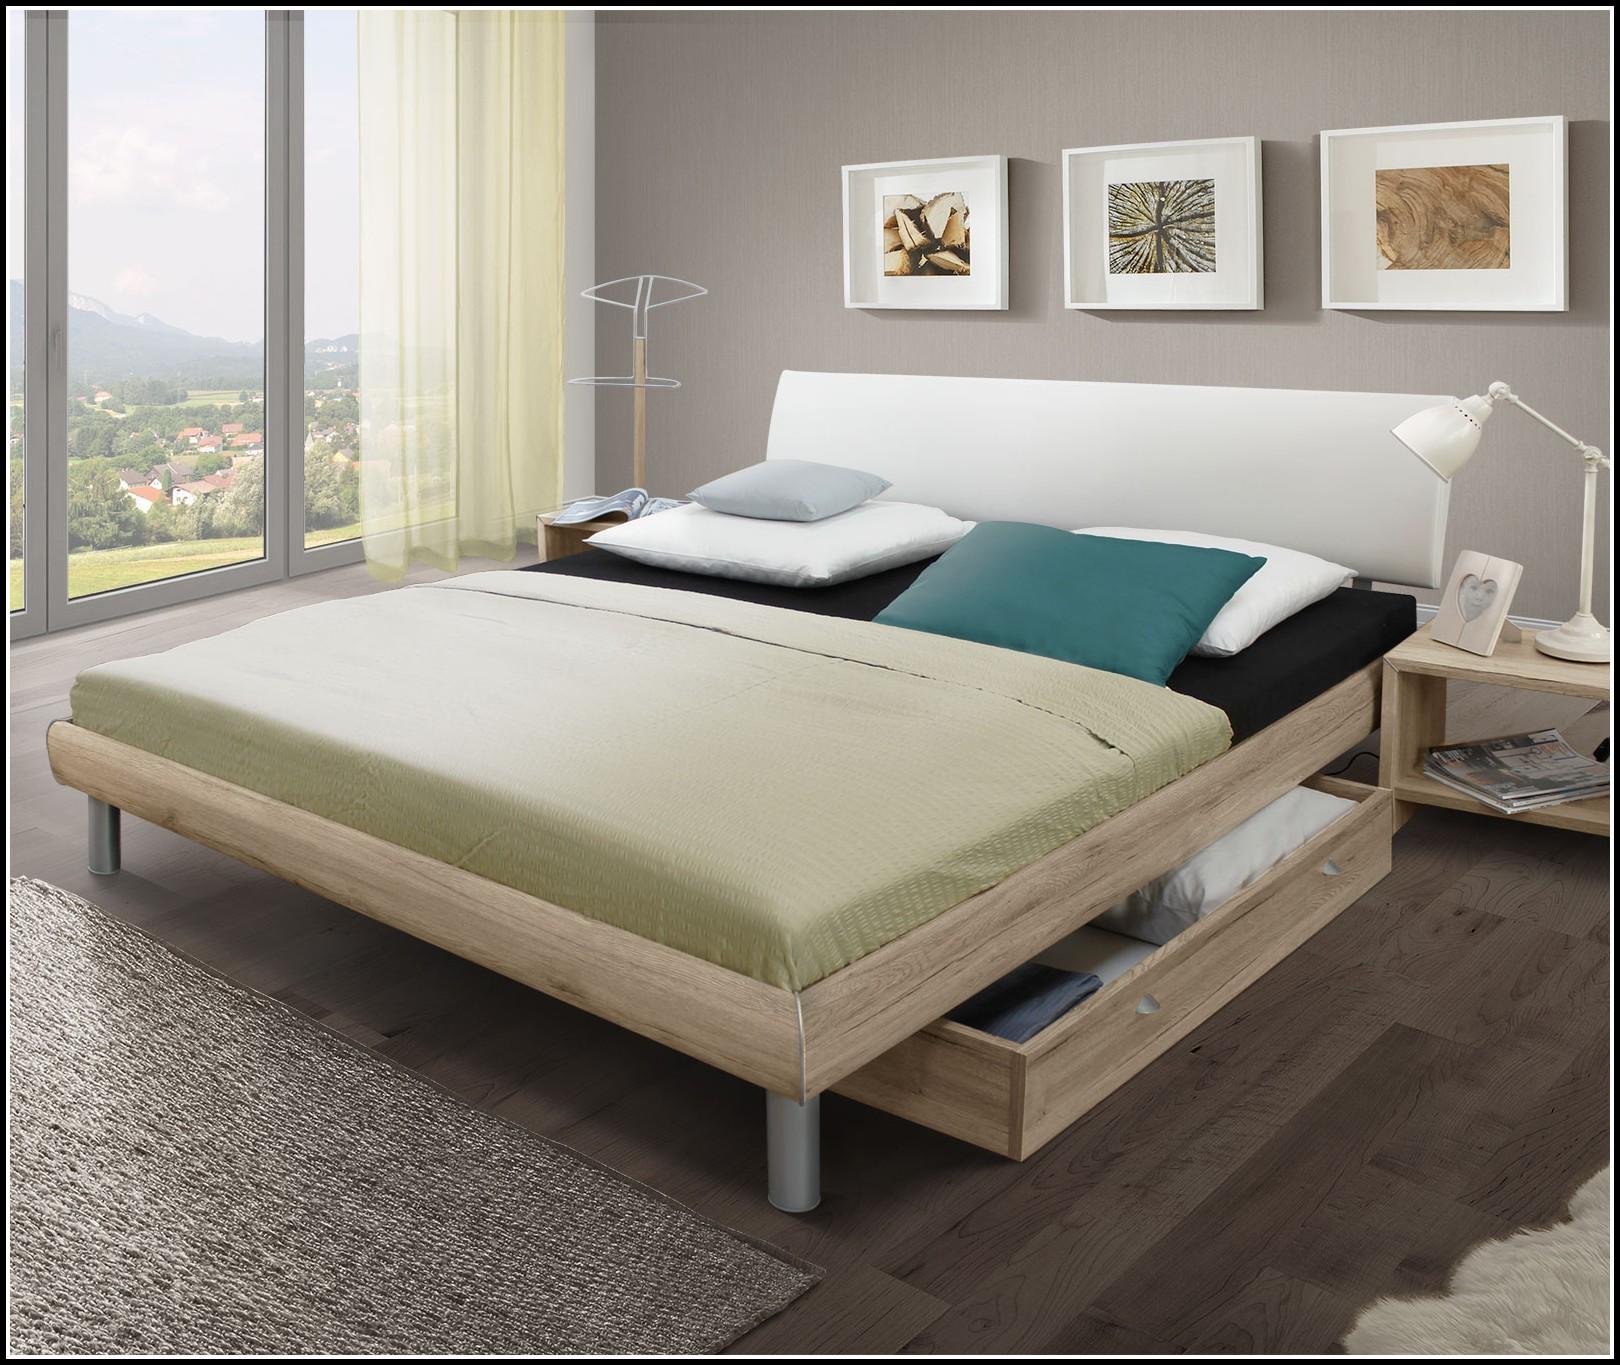 bett 180x200 mit matratze und lattenrost gebraucht betten house und dekor galerie qmkjj8dkk5